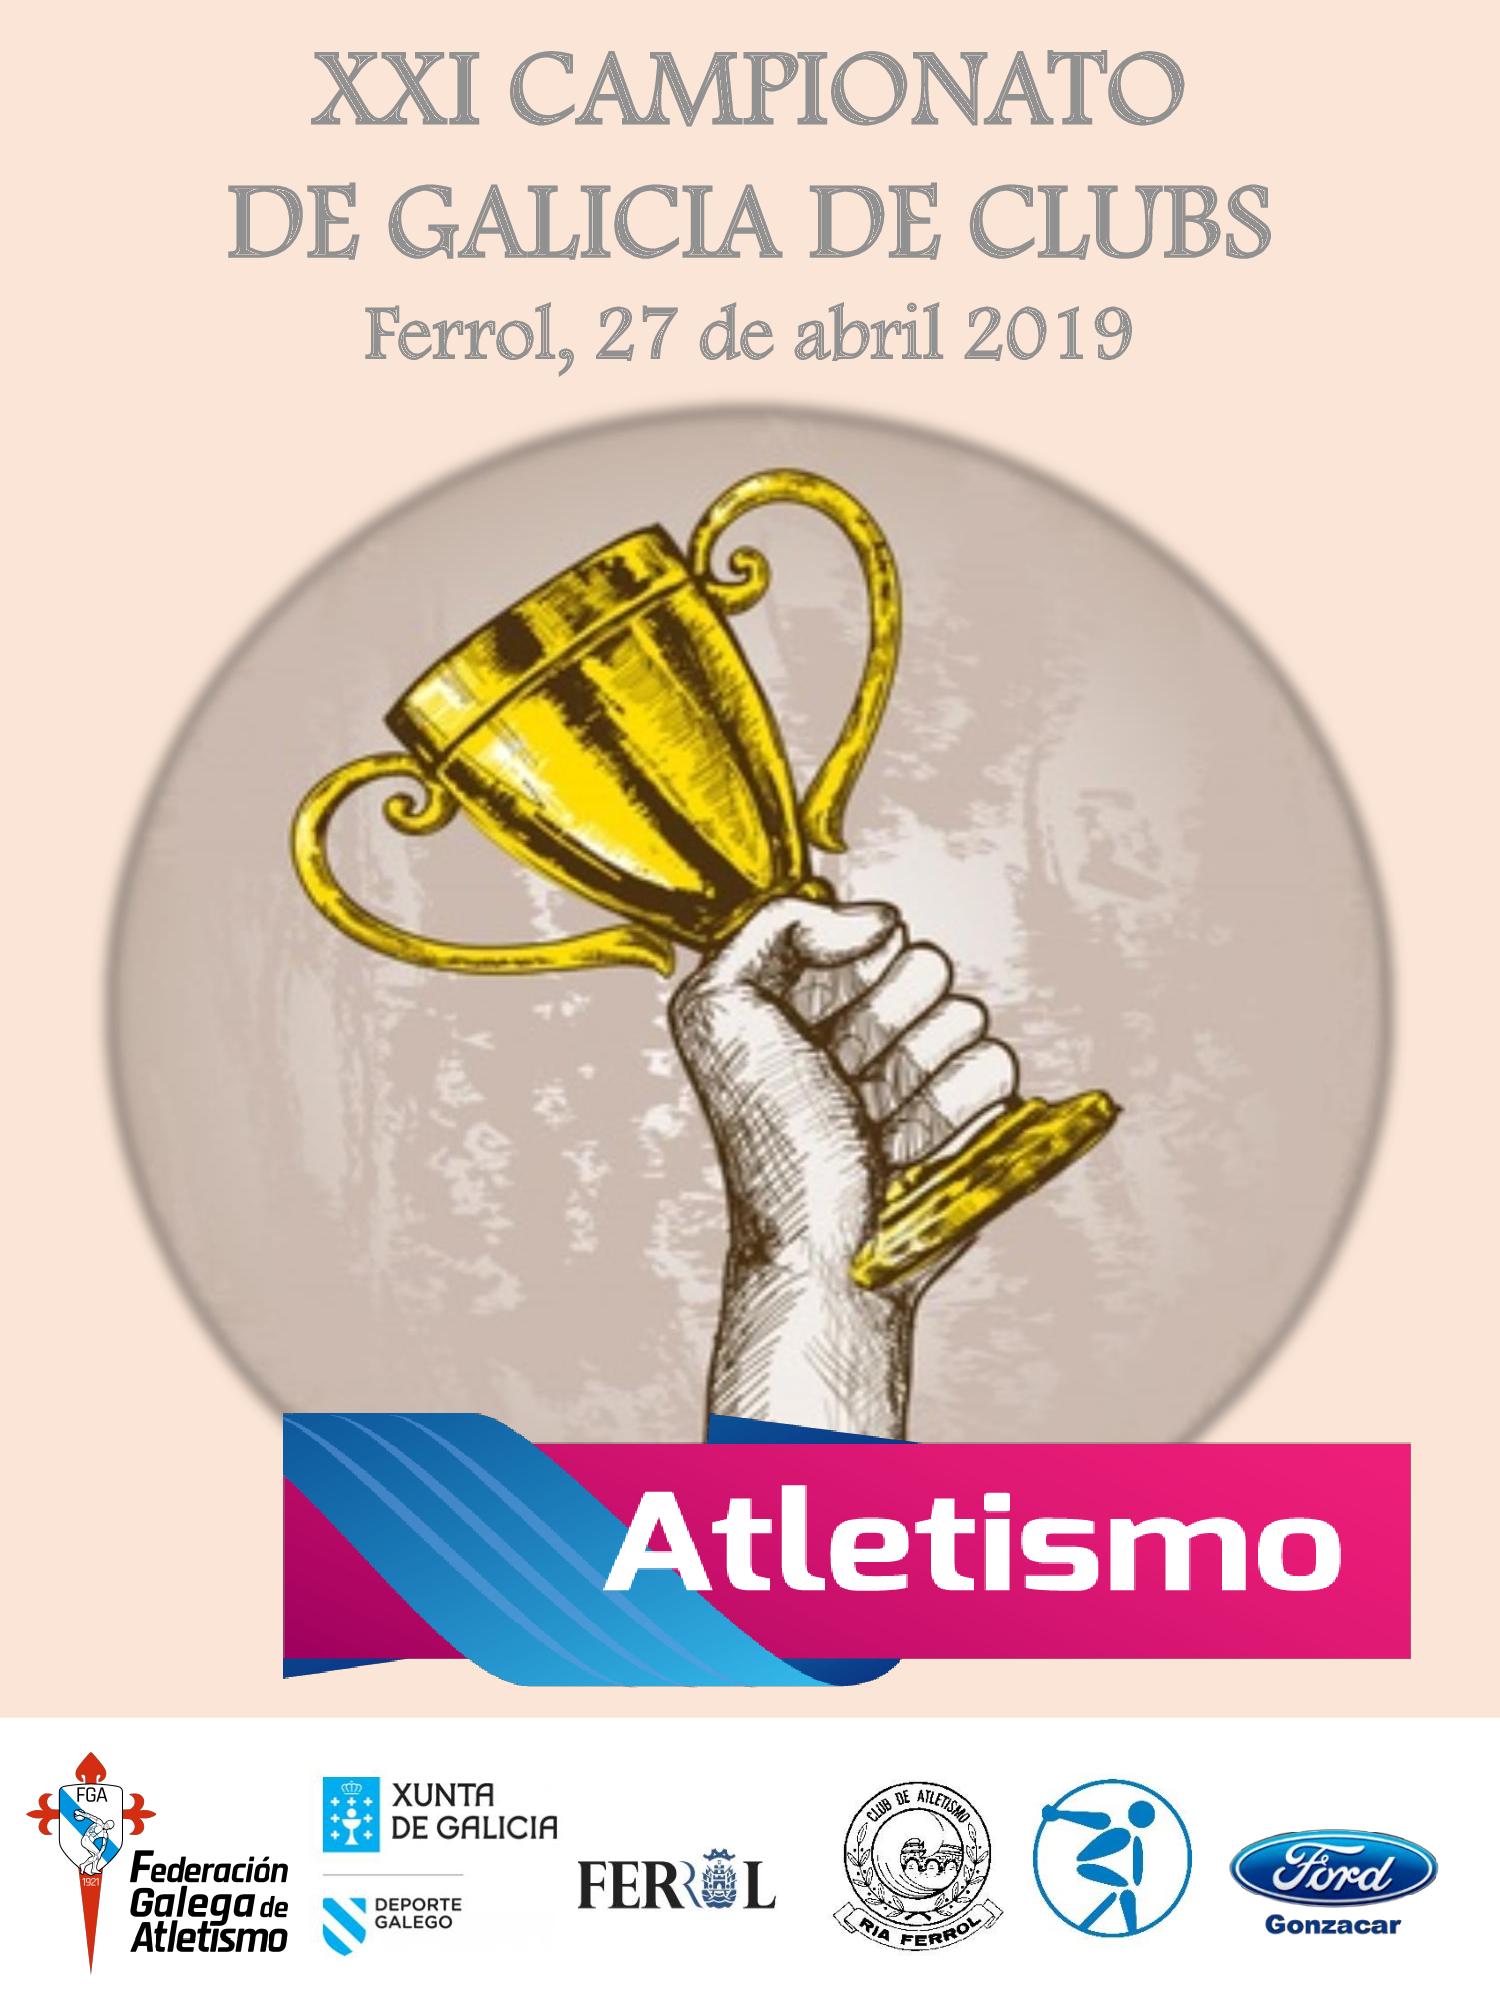 XXXI Campionato de Galicia de Clubs